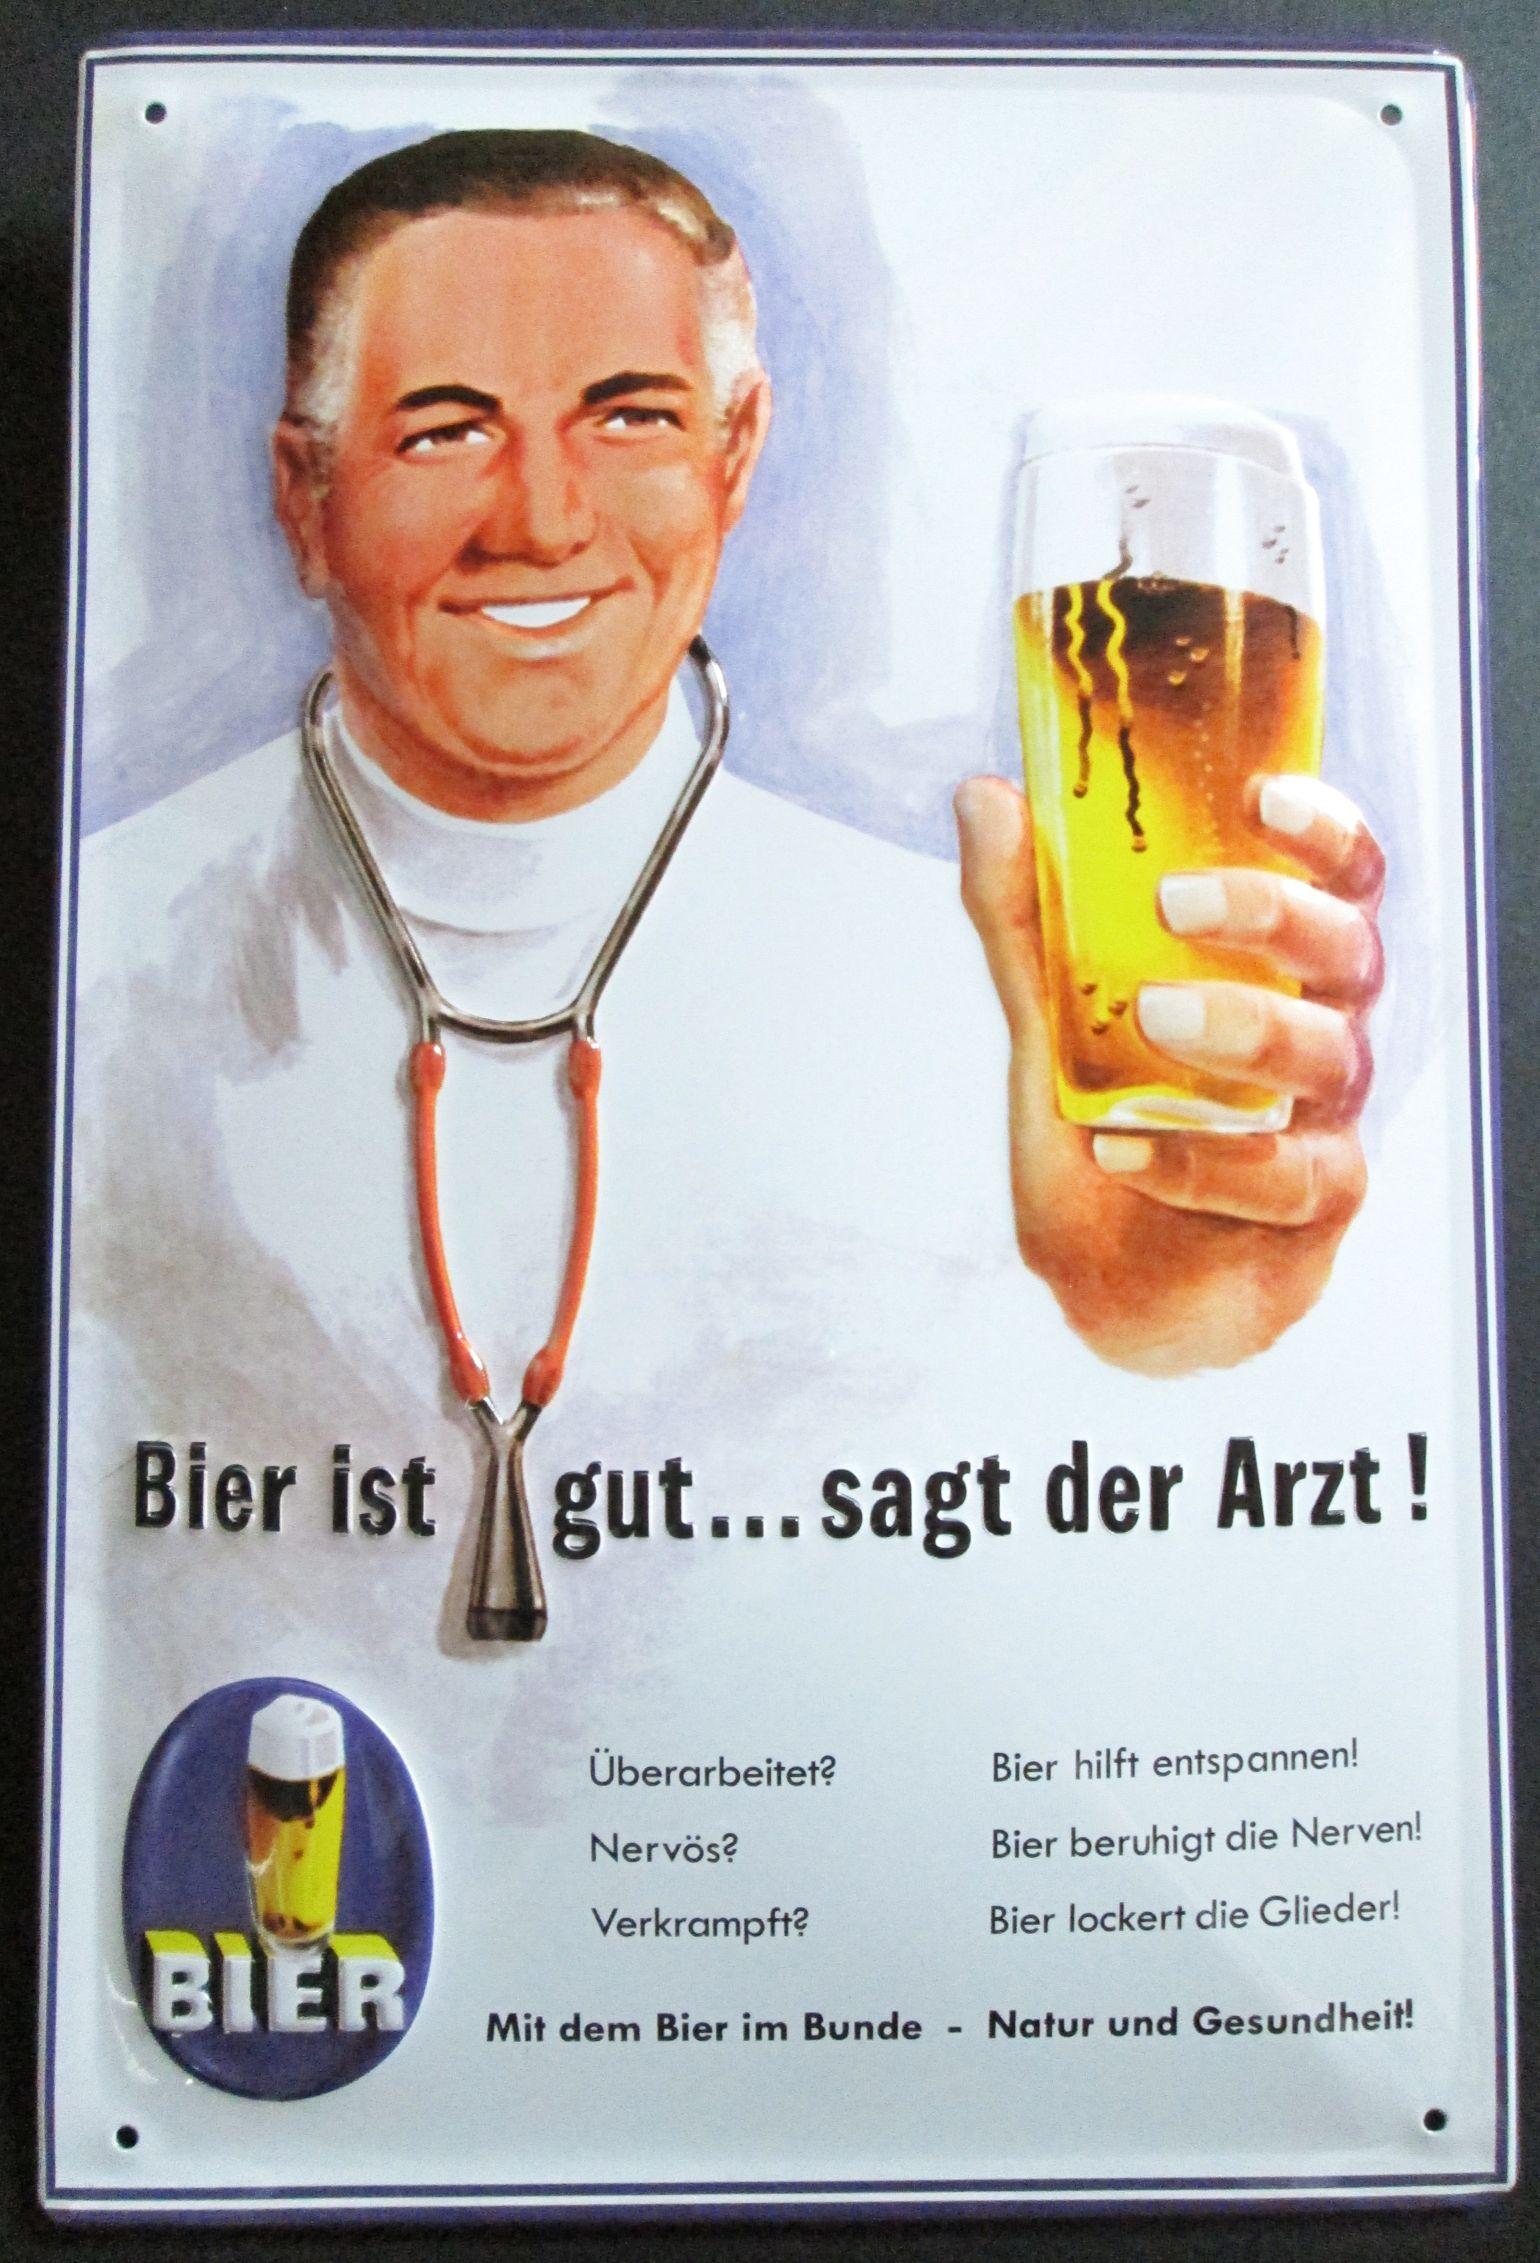 bier ist gut sagt der arzt blechschild mit pr196gung